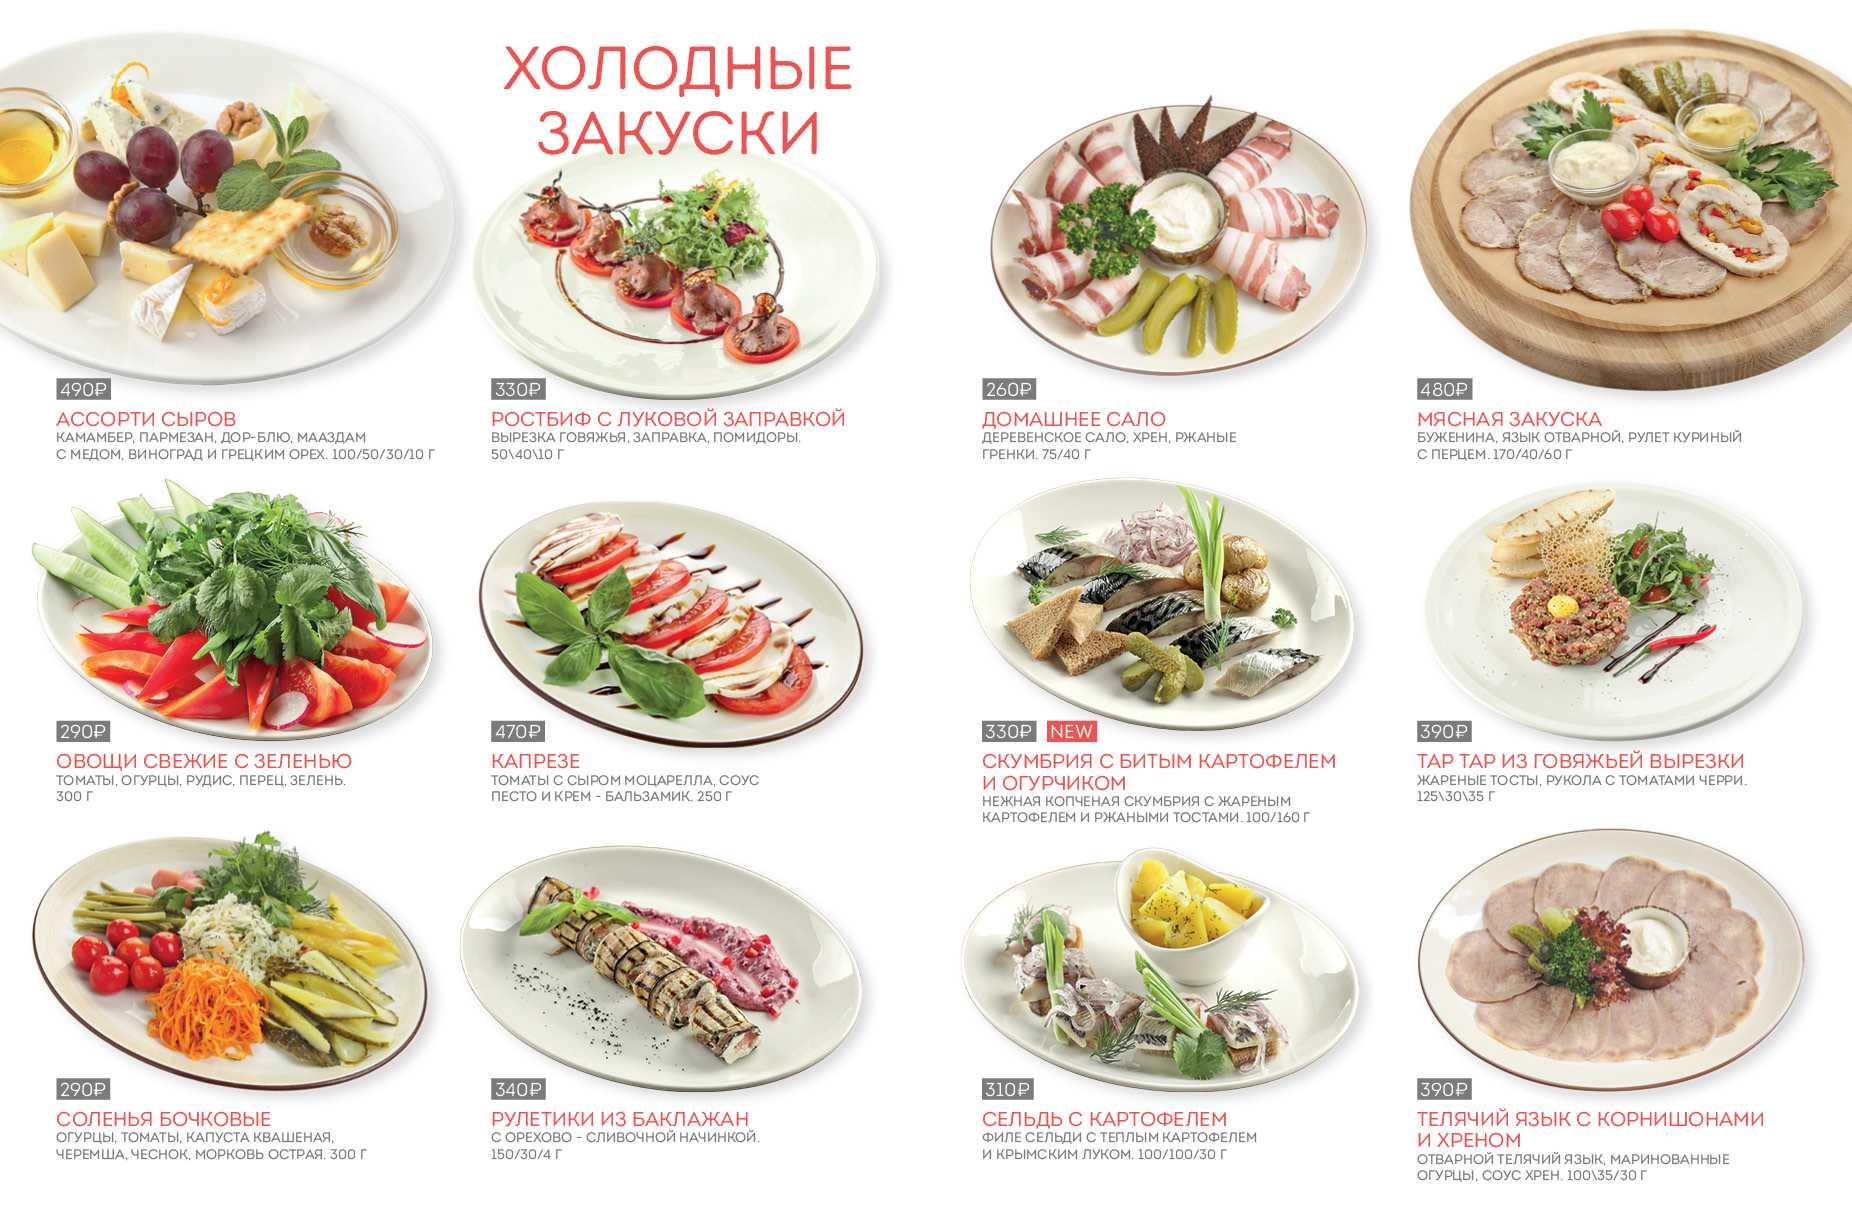 Салат из кальмара с грецкими орехами